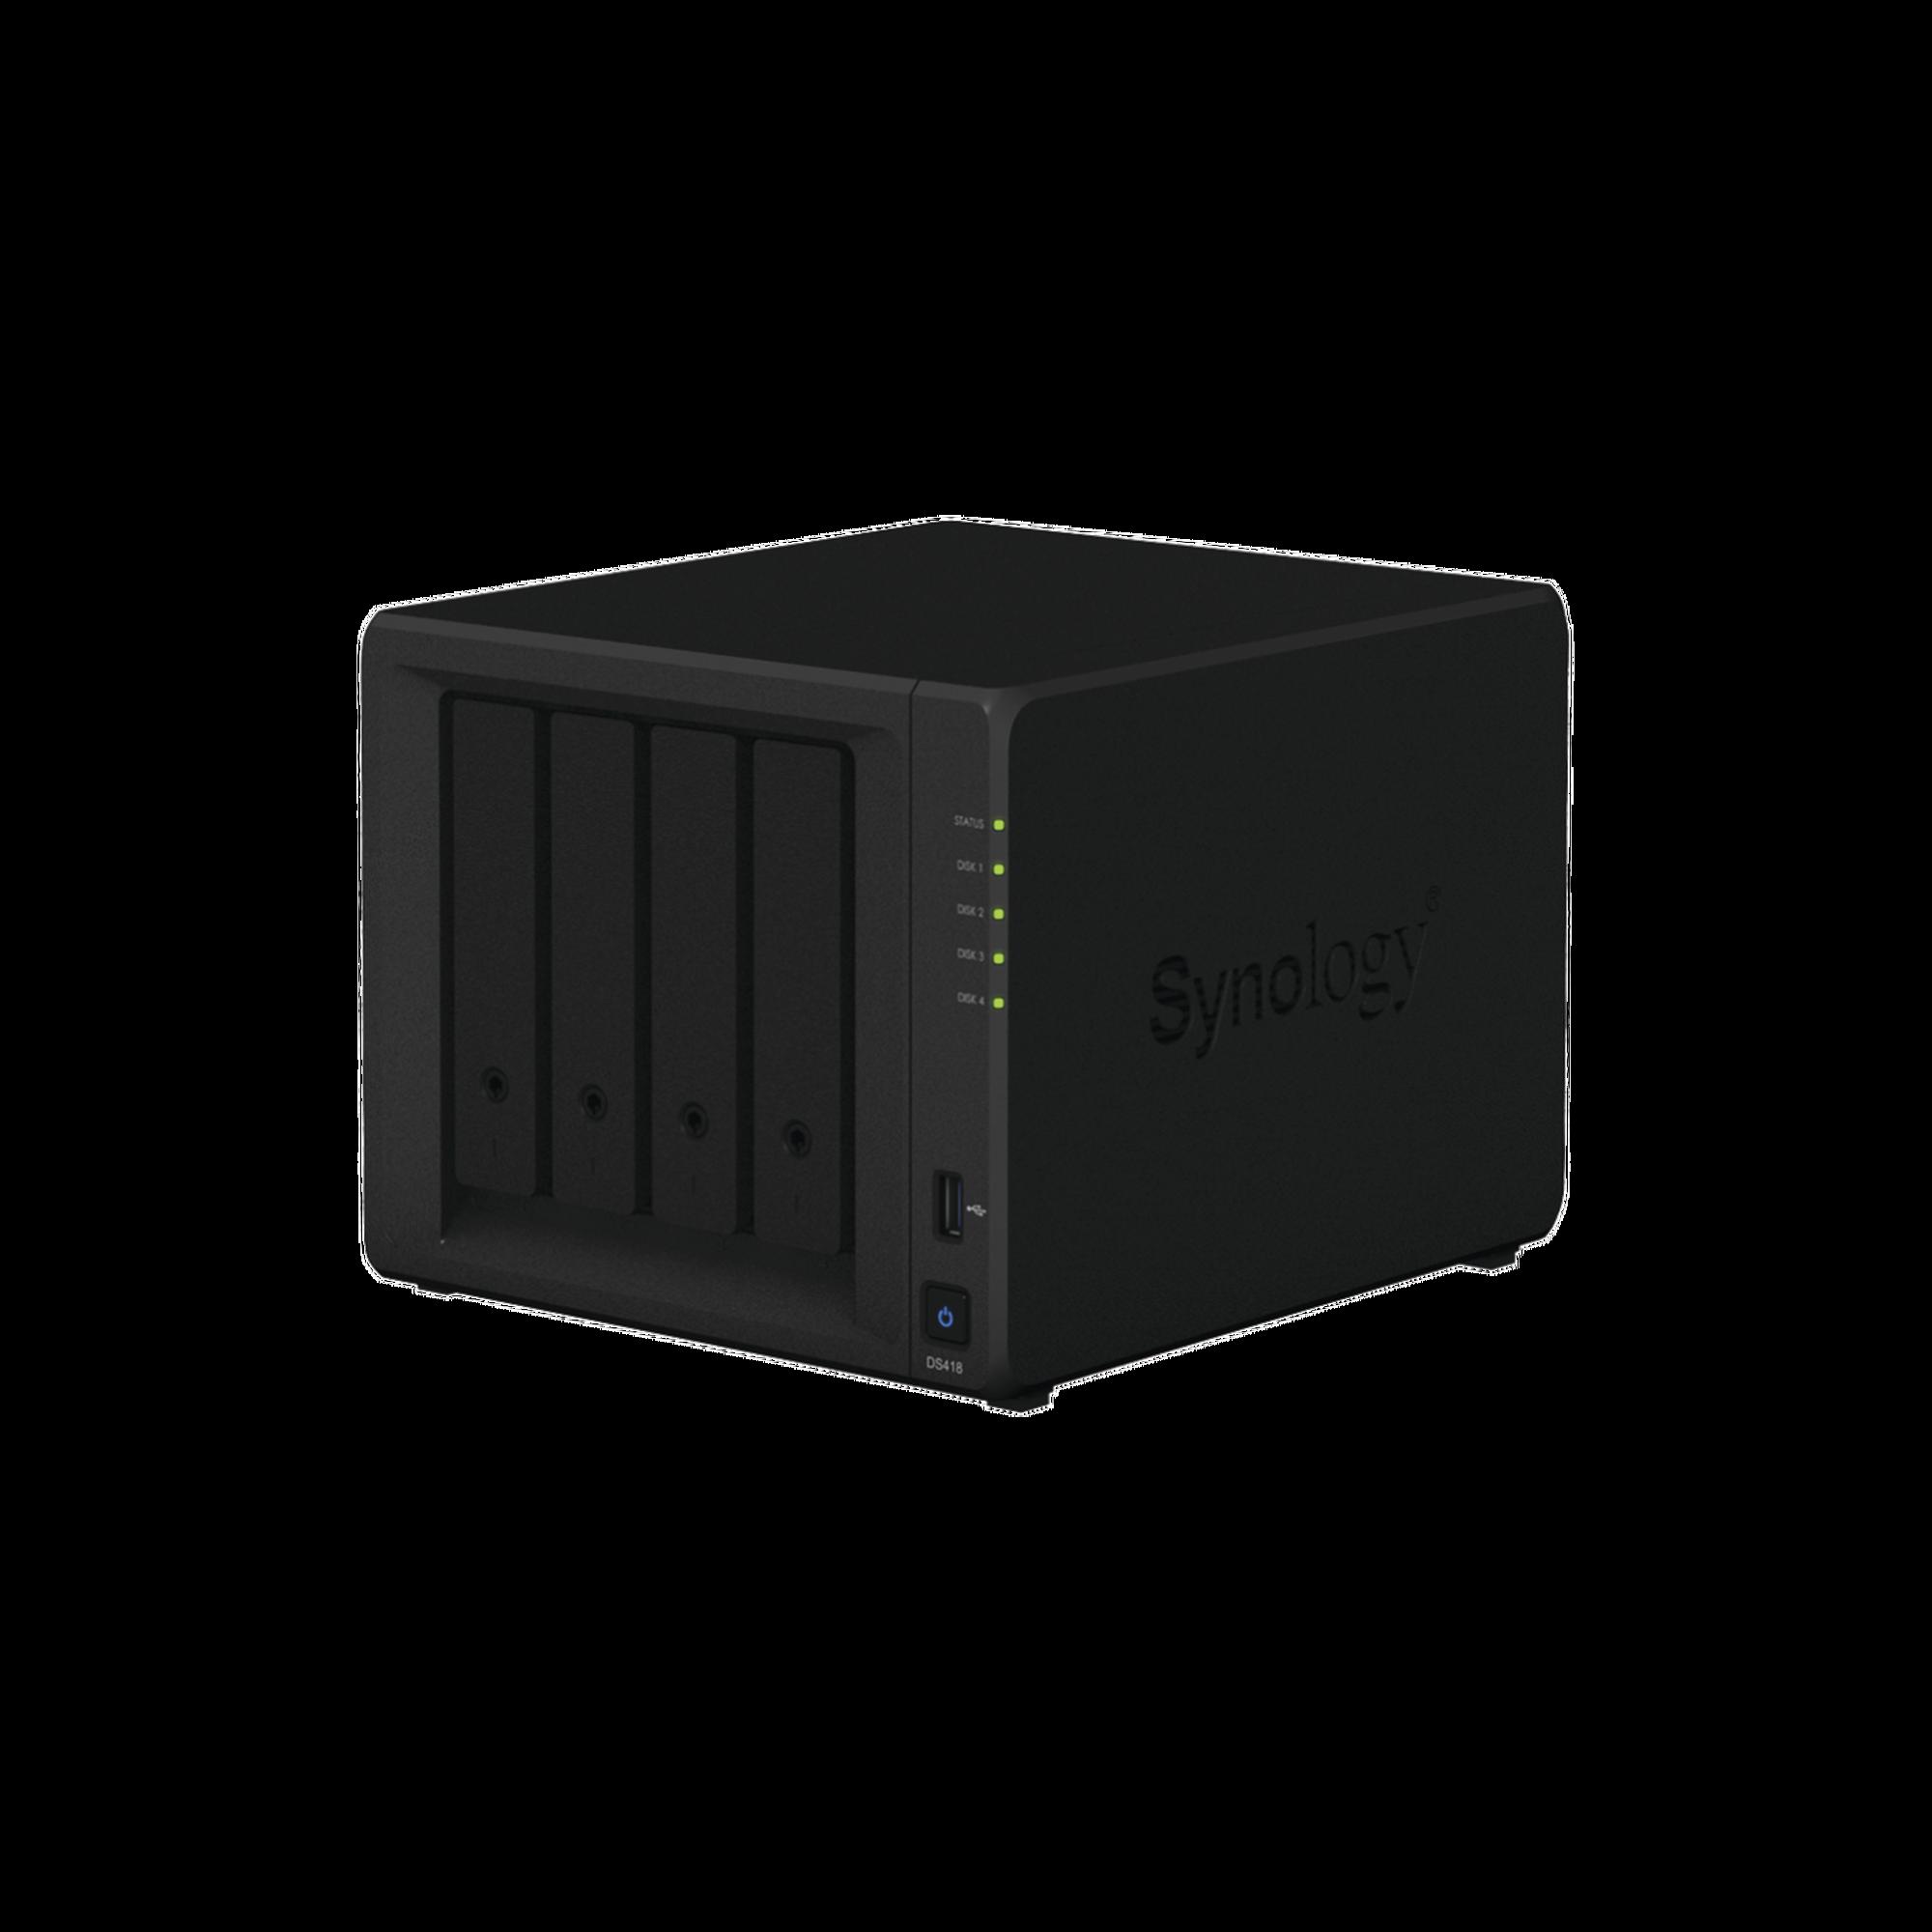 Servidor NAS de escrito de 4 bahías, soporta hasta 10TB por disco duro